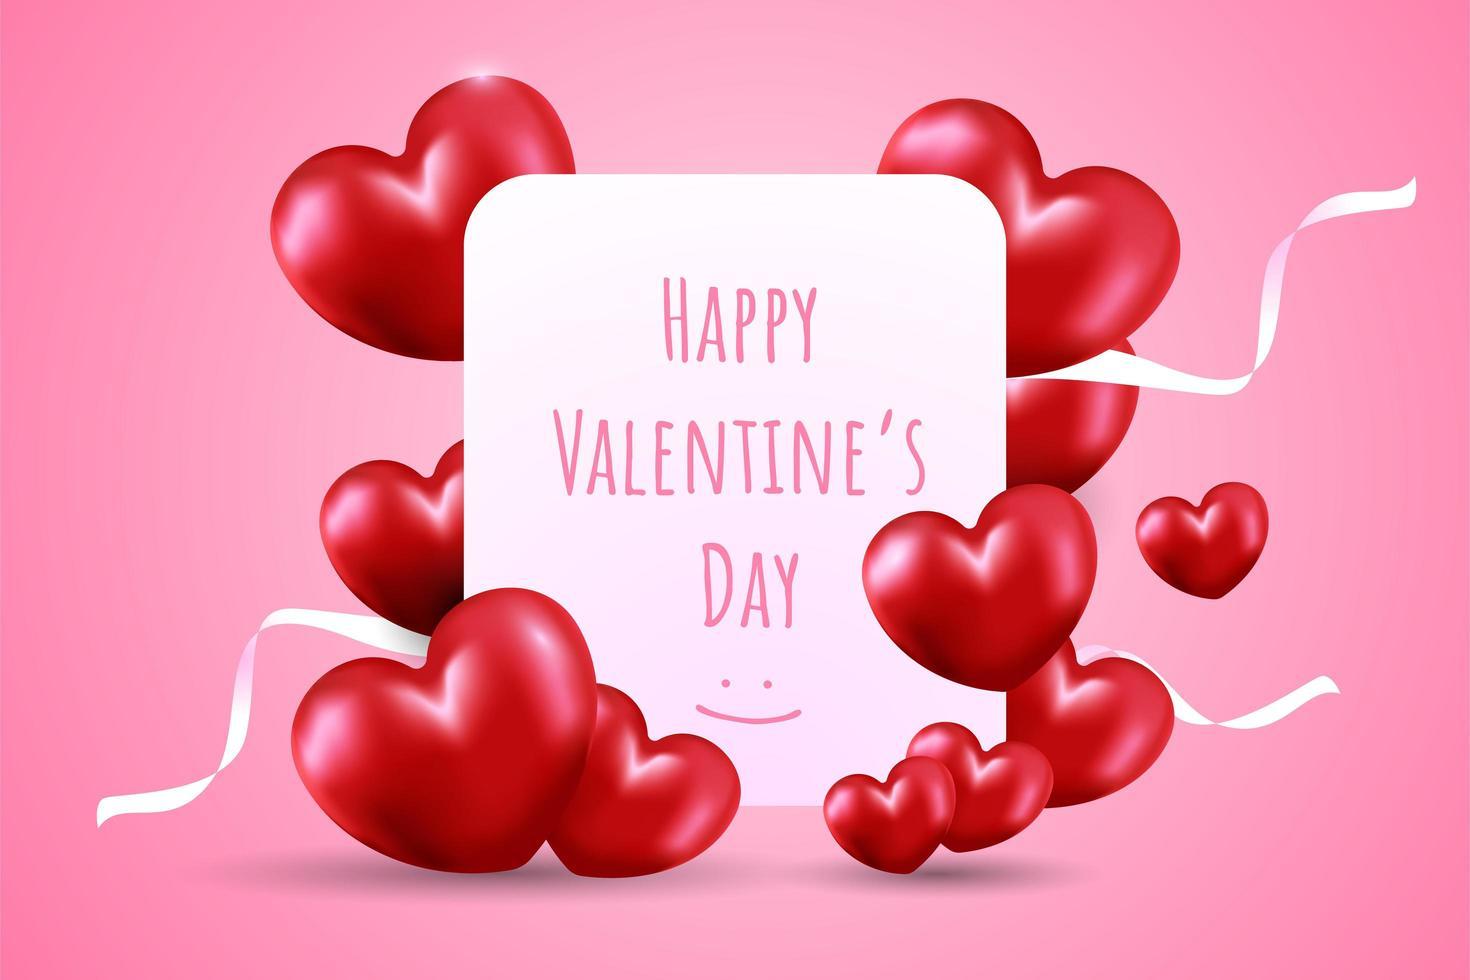 Glad Alla hjärtans dag med röda hjärtformade ballonger vektor